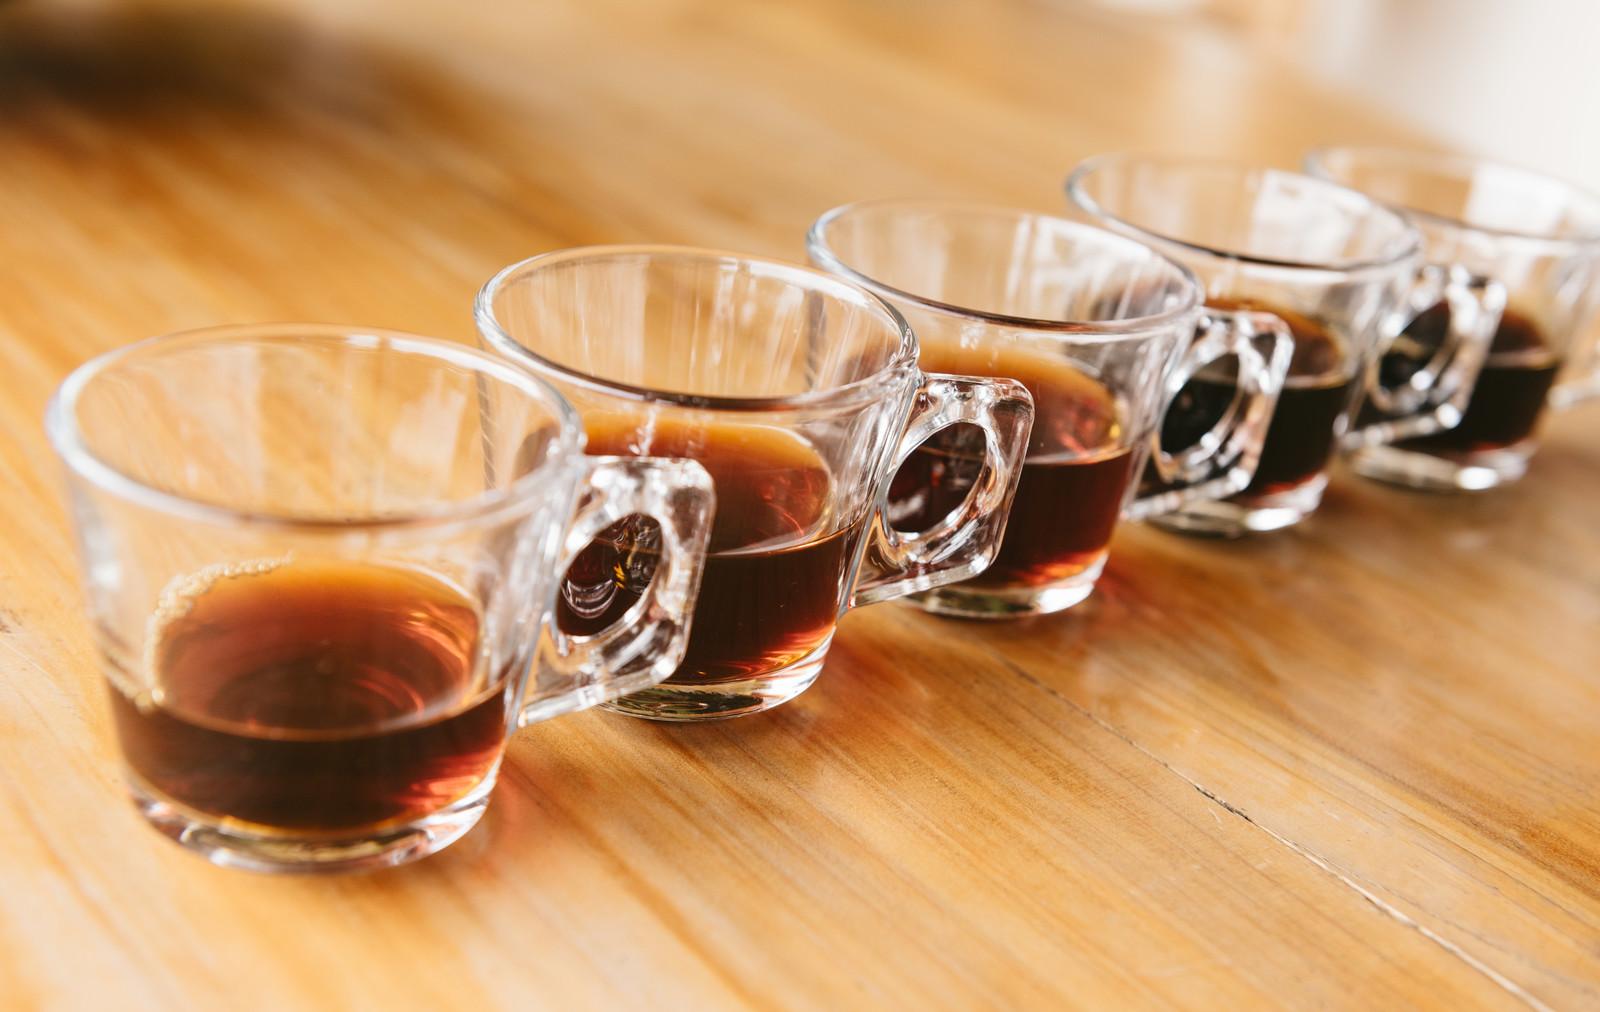 十間茶屋でおしゃれなボトル入り台湾茶をGET!台北のお土産にもおすすめ!